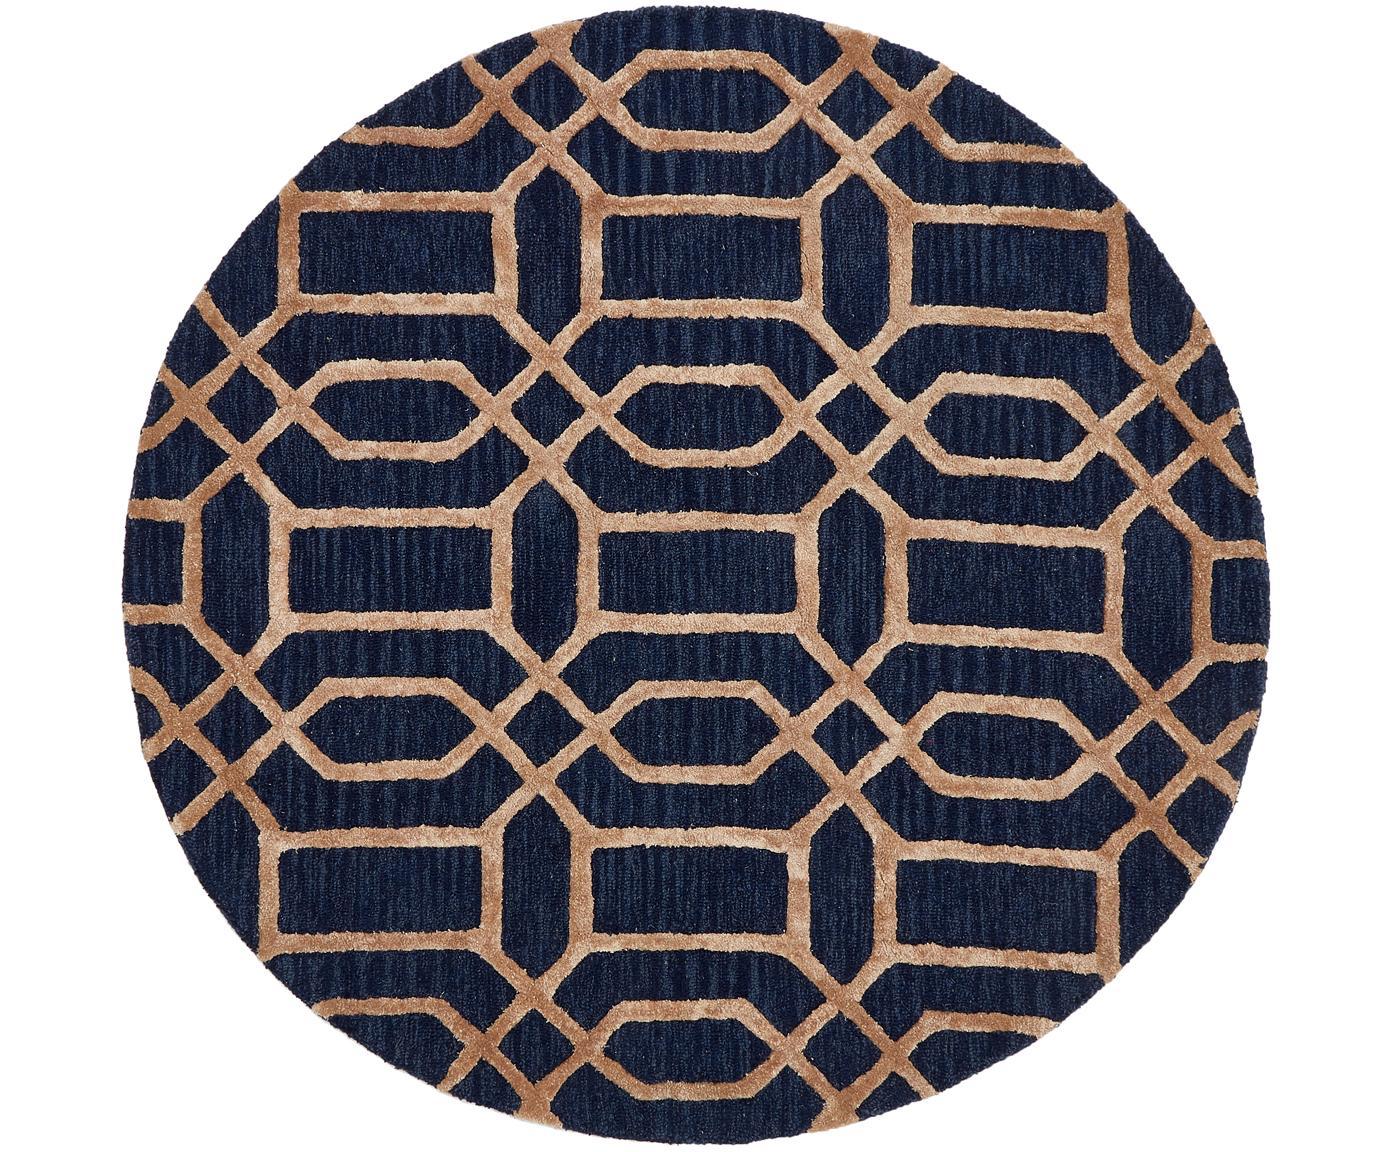 Tappeto rotondo in lana con motivo a rilievo Vegas, Retro: cotone, Blu scuro, marrone, Ø 150 cm (taglia M)